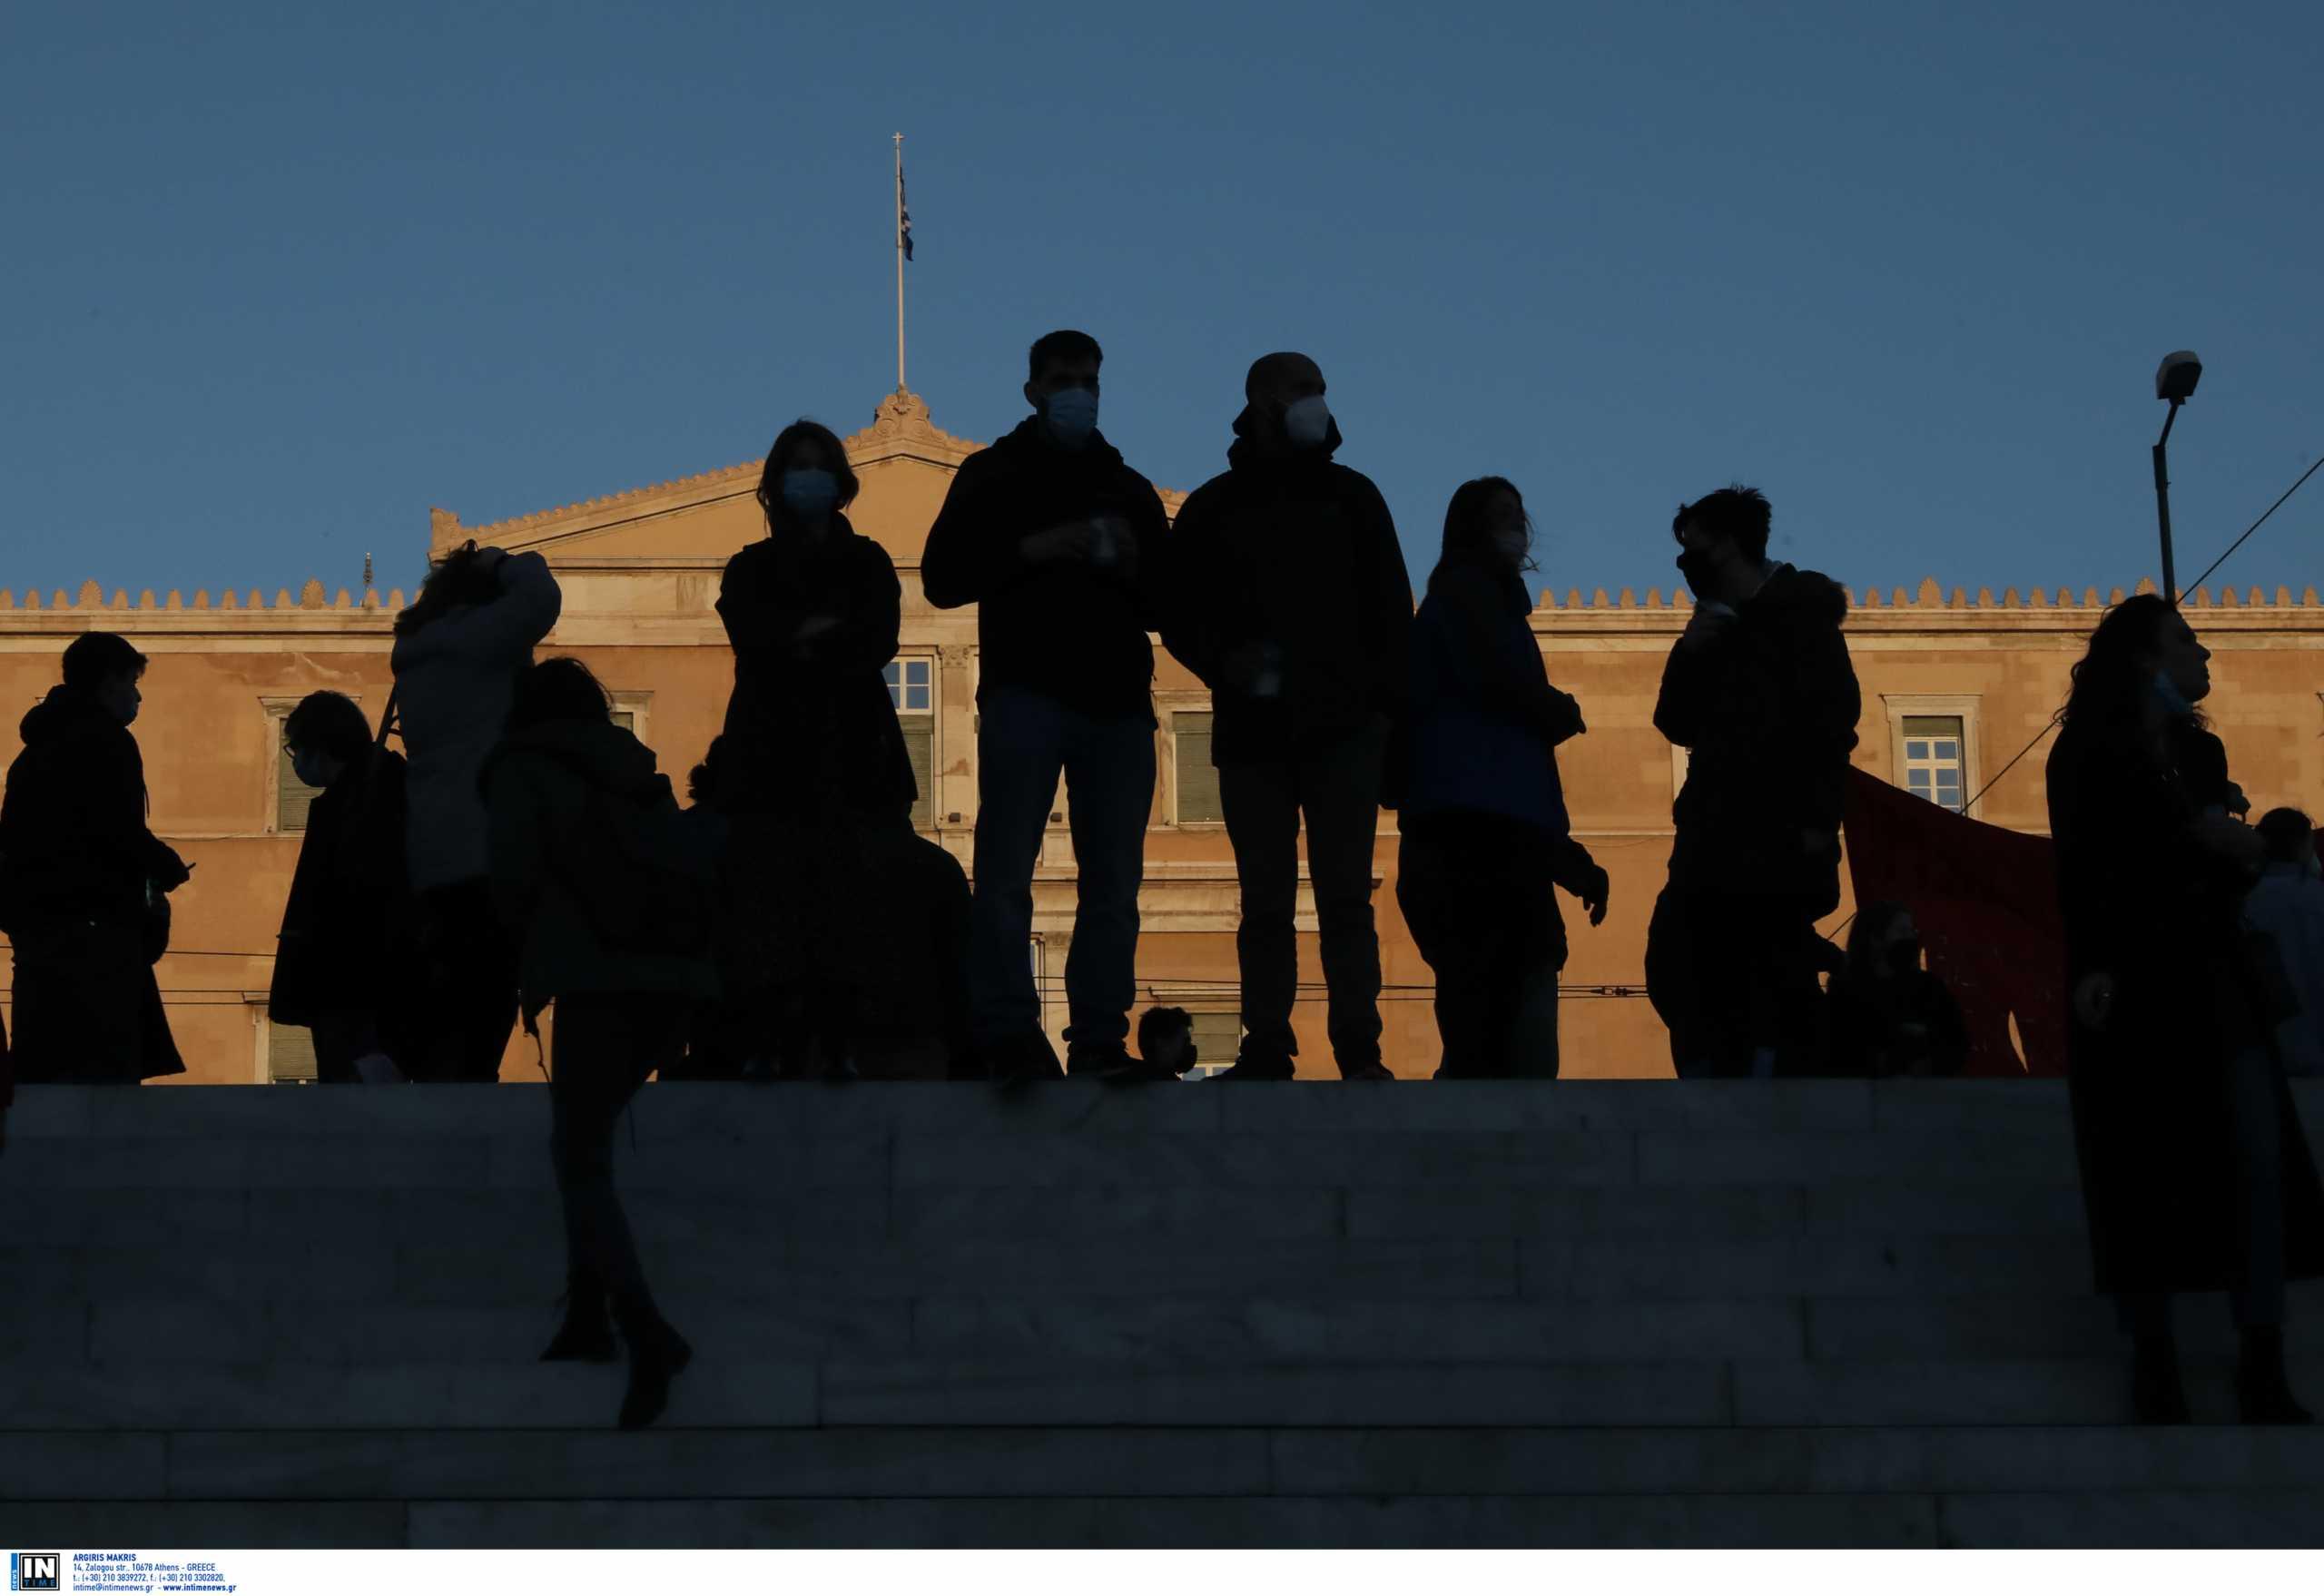 Δημοσκόπηση Metron Analysis: Απαισιοδοξία για κορονοϊό και οικονομία – Δίχασε η Νέα Σμύρνη – Η διαφορά ΝΔ και ΣΥΡΙΖΑ